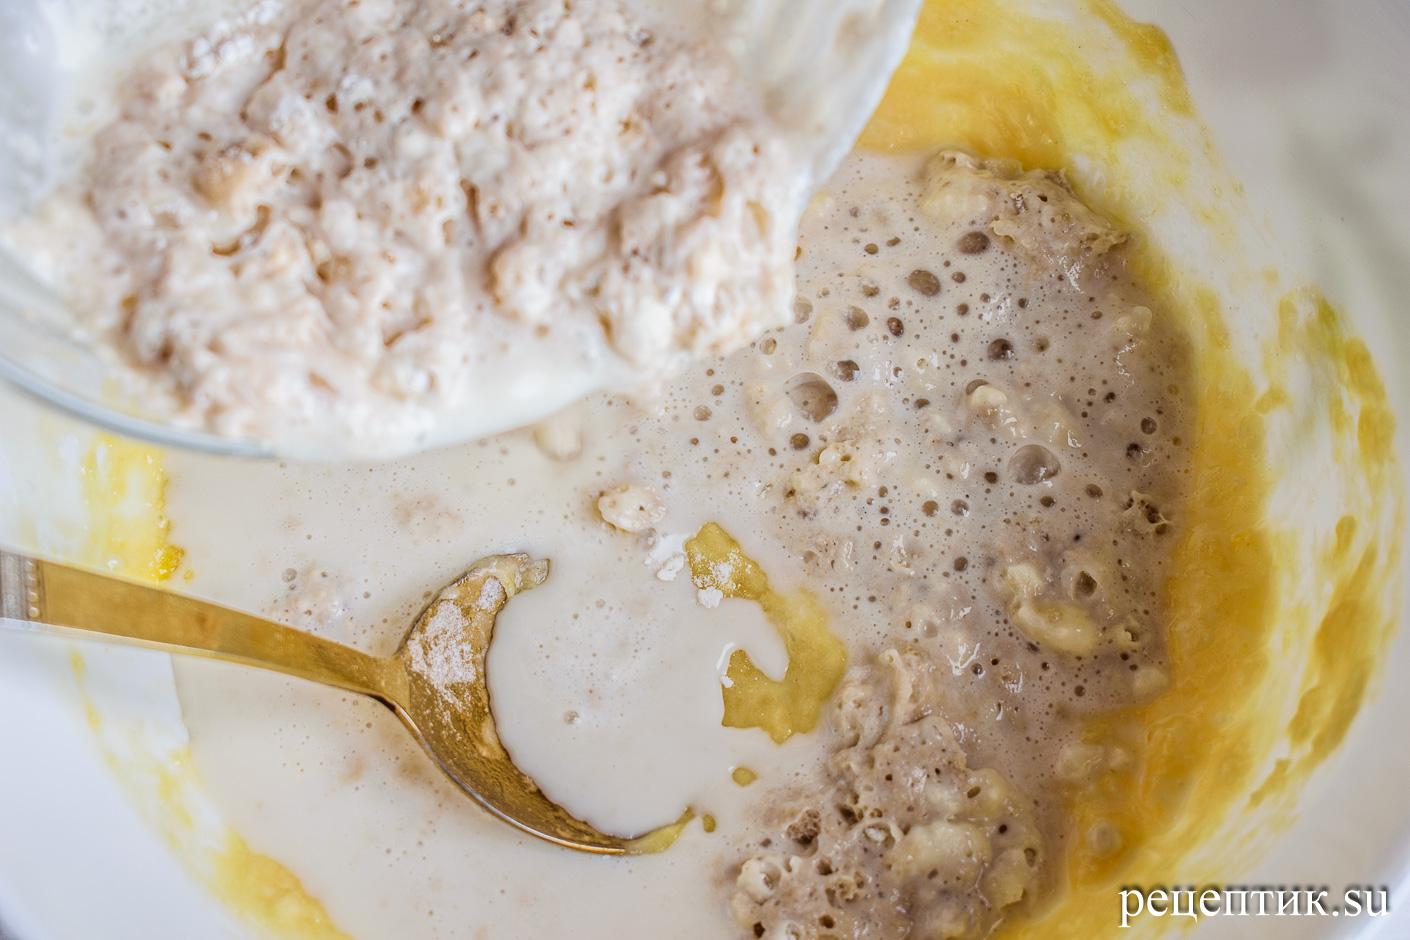 Пасхальный кулич-краффин – простой, быстрый и невероятно вкусный - рецепт с фото, шаг 6